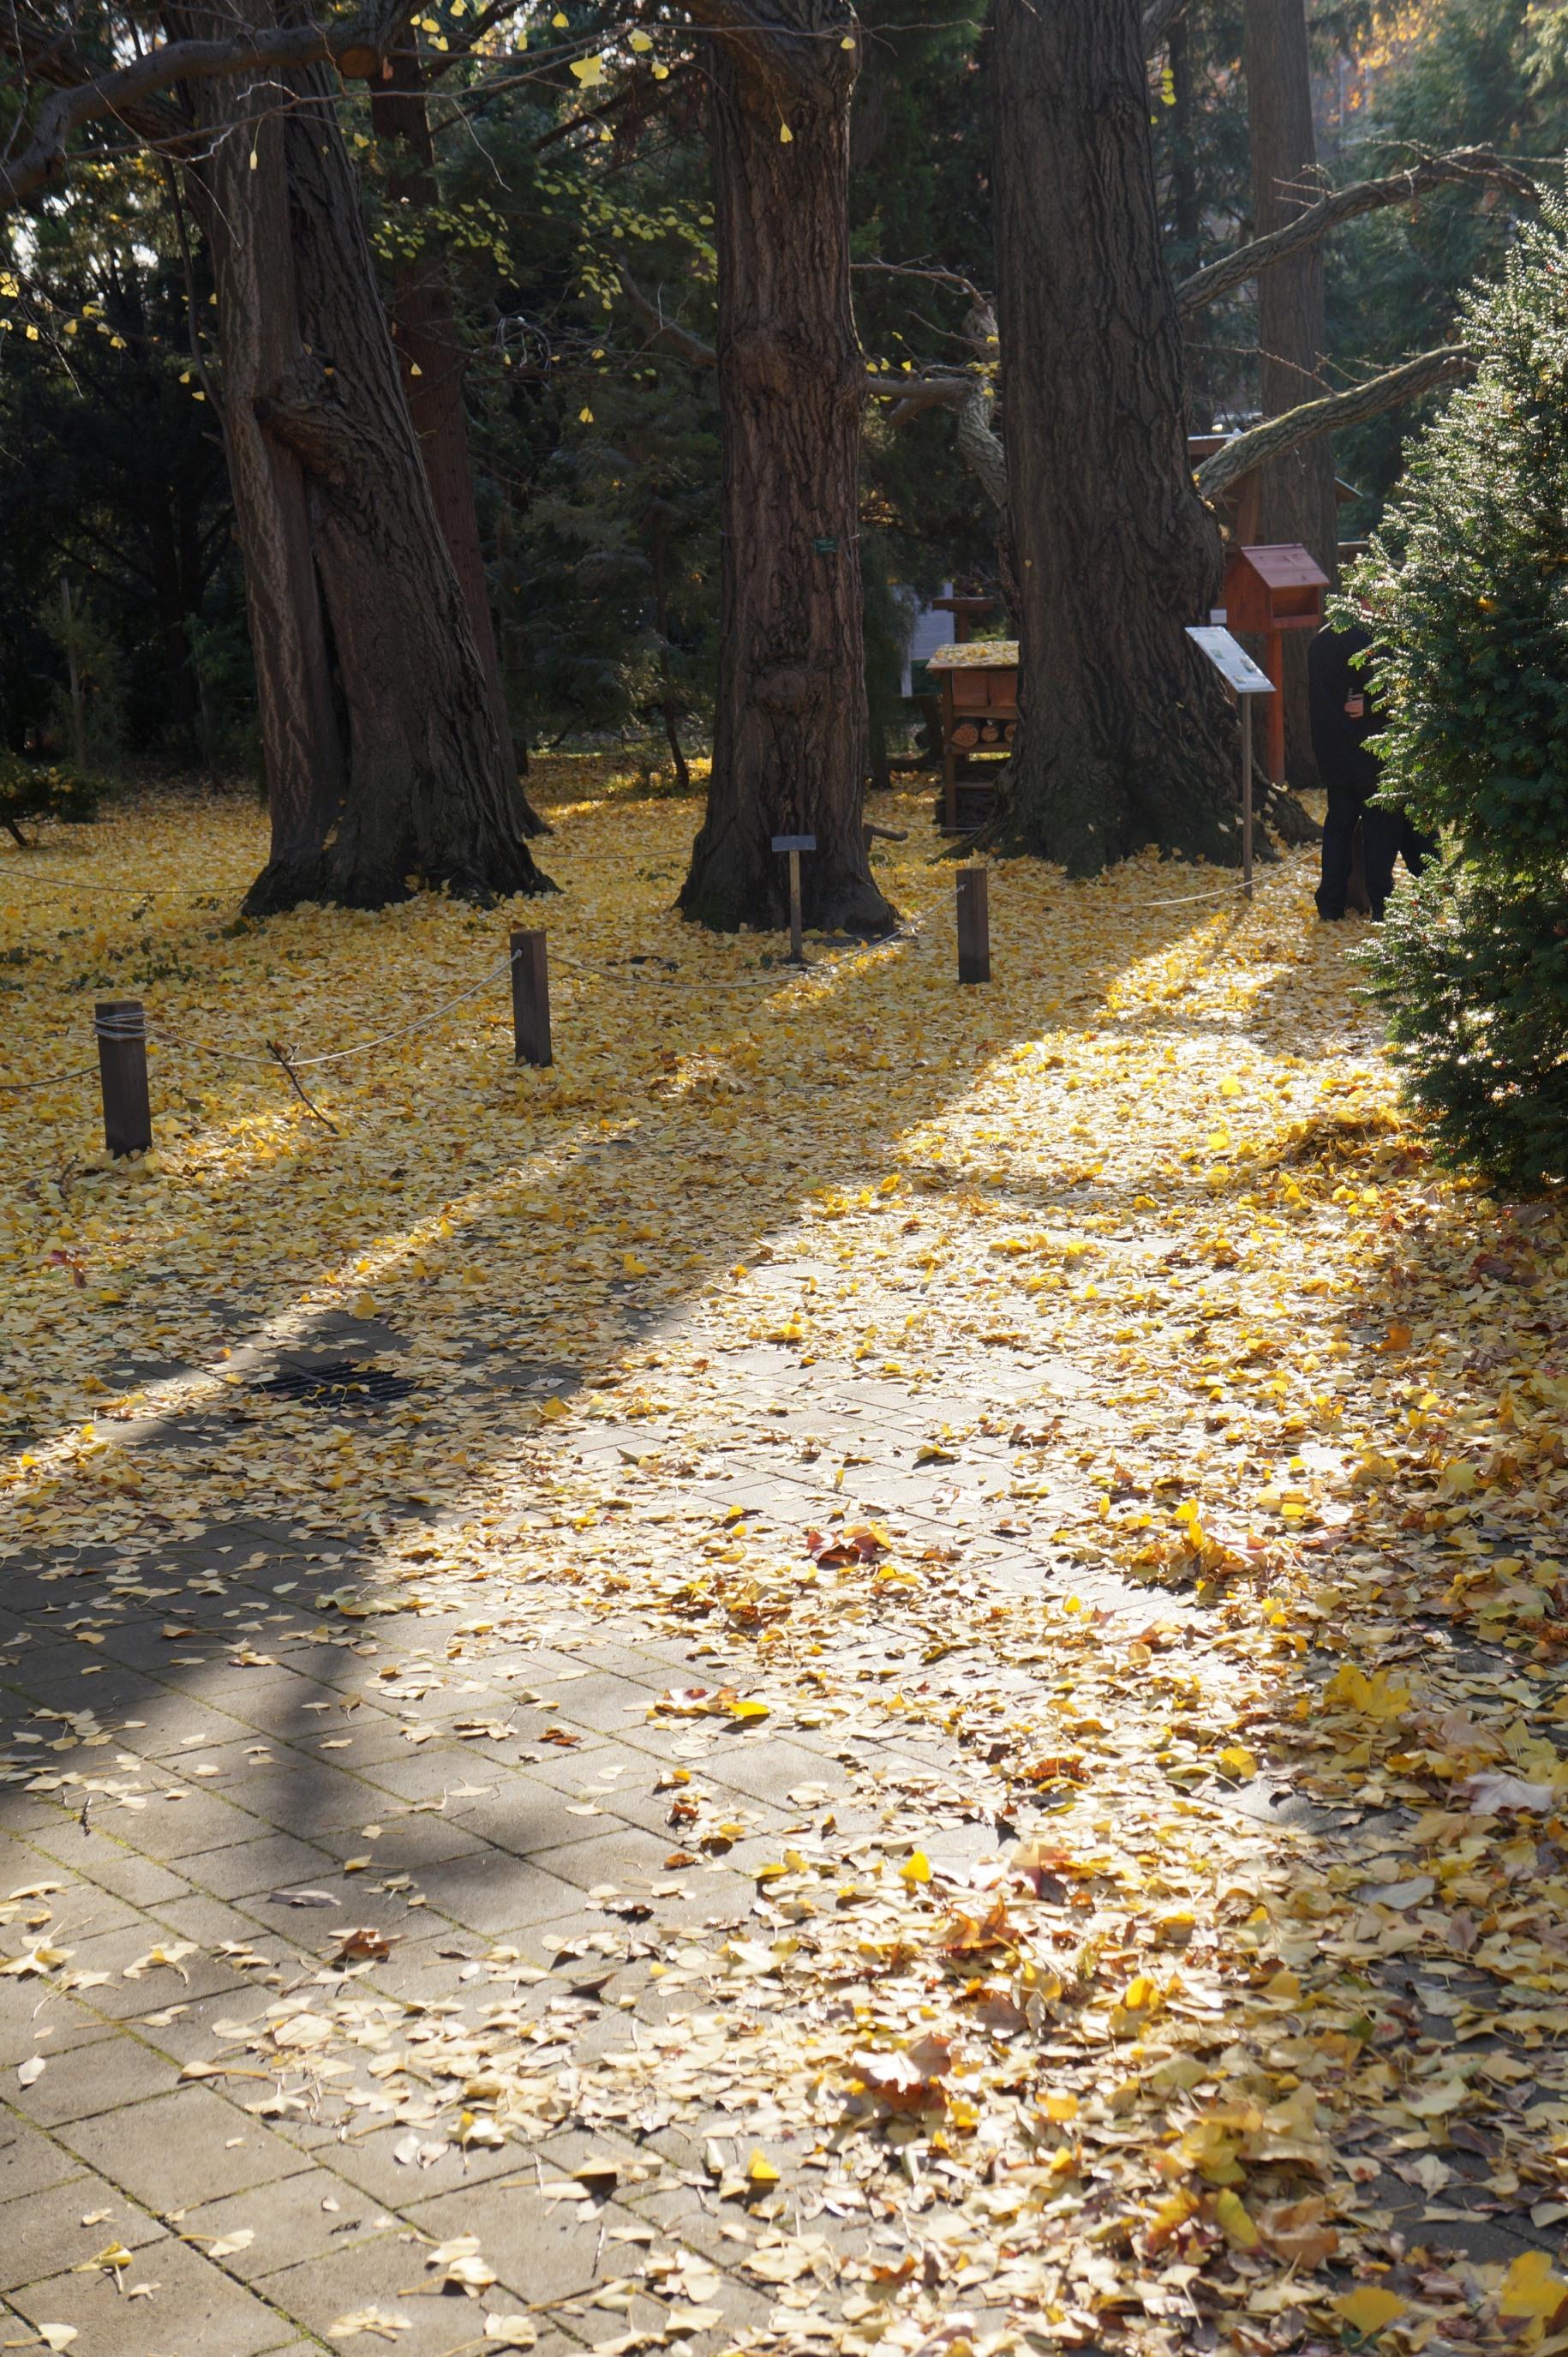 Gingko Biloba lehullott levelei - a vajsav lebomlása során kellemetlen szag keletkezik